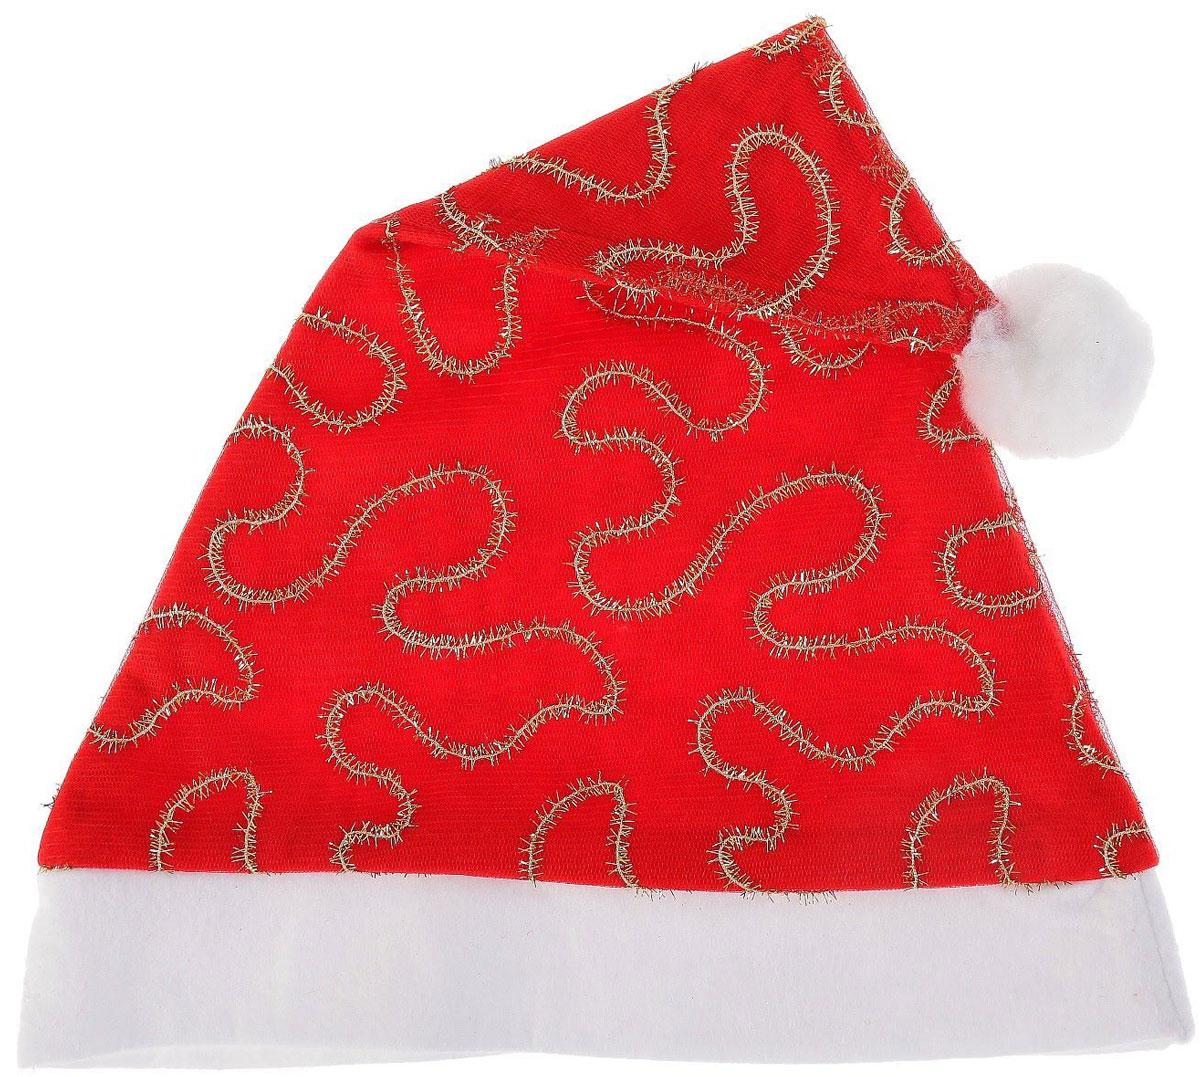 Поддайтесь новогоднему веселью на полную катушку! Забавный колпак в секунду создаст праздничное настроение, будь то поздравление ребятишек или вечеринка с друзьями. Размер изделия универсальный: аксессуар подойдет как для ребенка, так и для взрослого. А мягкий текстиль позволит носить колпак с комфортом на протяжении всей новогодней ночи.